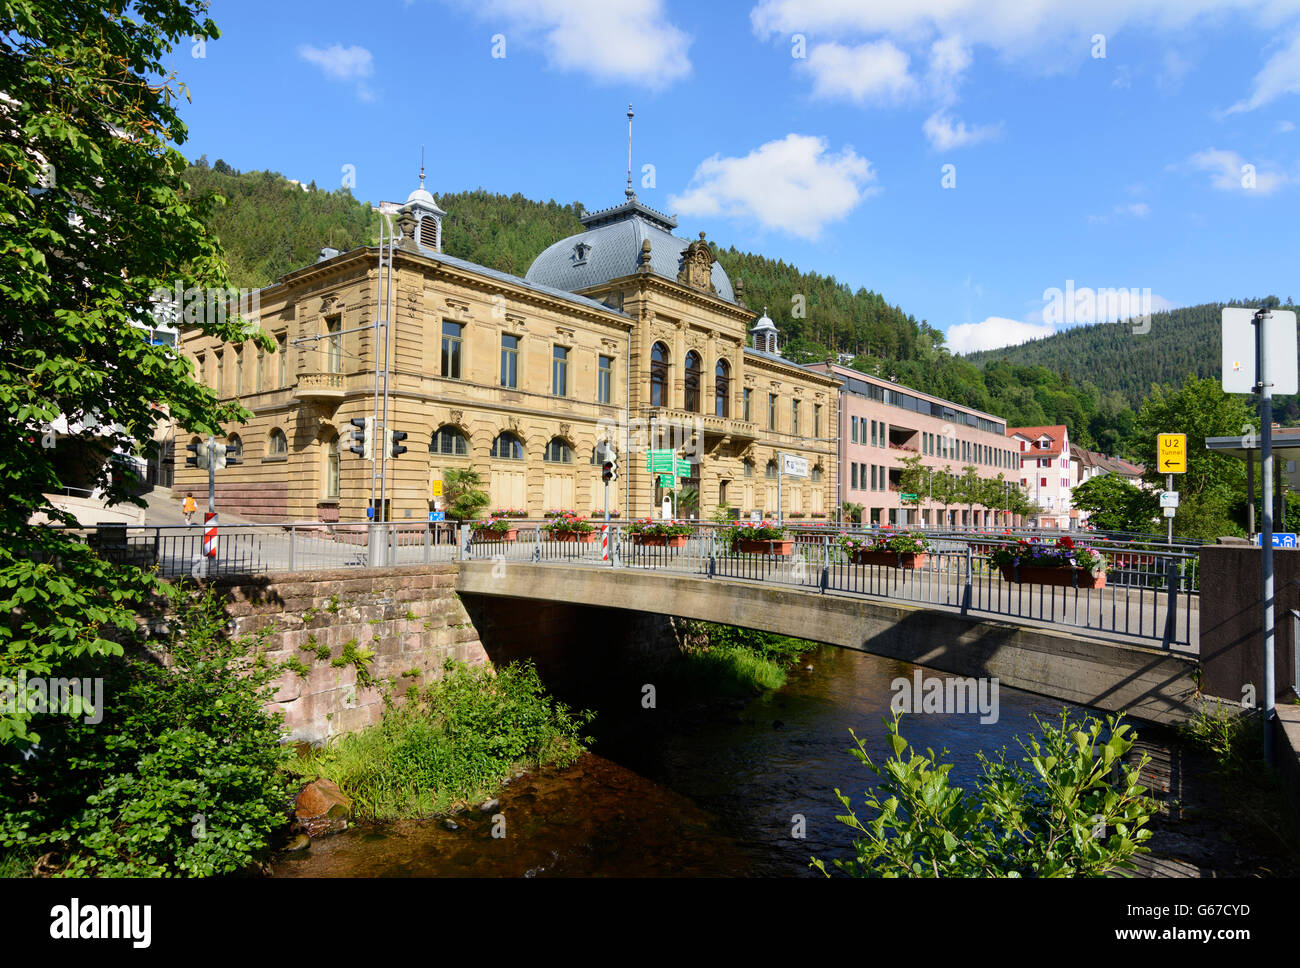 spa König-Karls-Bad at stream Große Enz, Bad Wildbad, Germany, Baden-Württemberg, Schwarzwald, Black - Stock Image